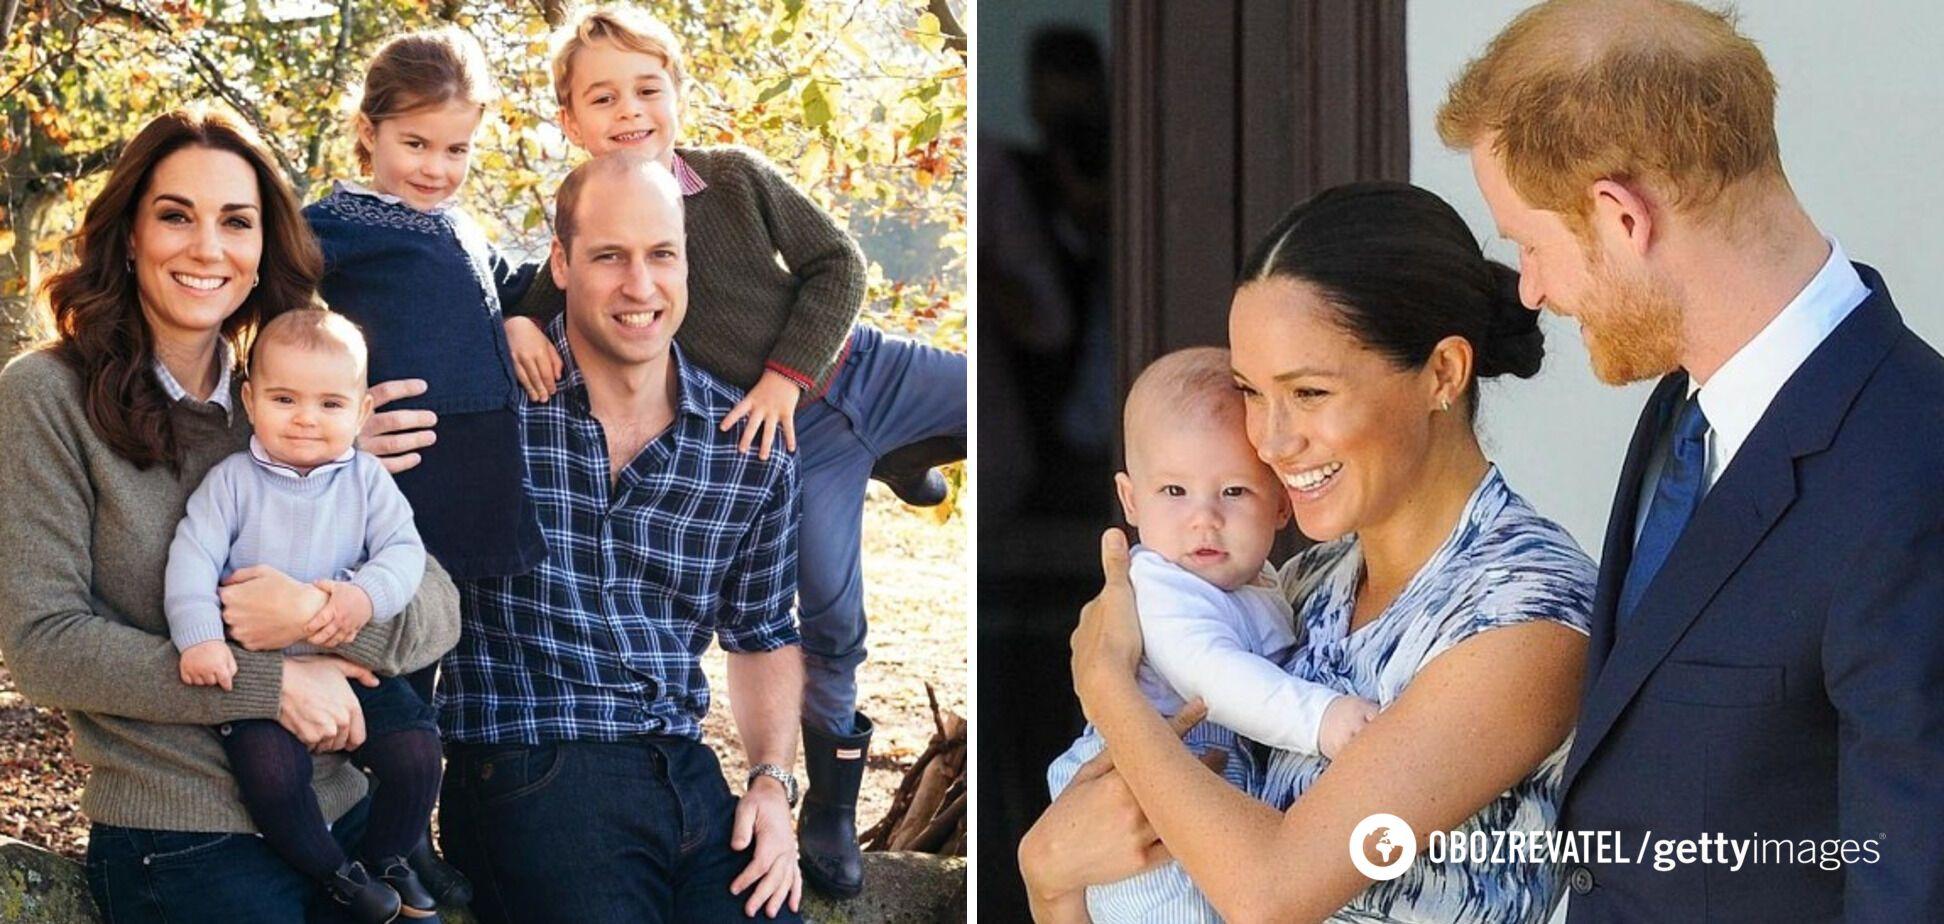 Кейт Міддлтон, принц Вільям, Меган Маркл і принц Гаррі зі своїми дітьми